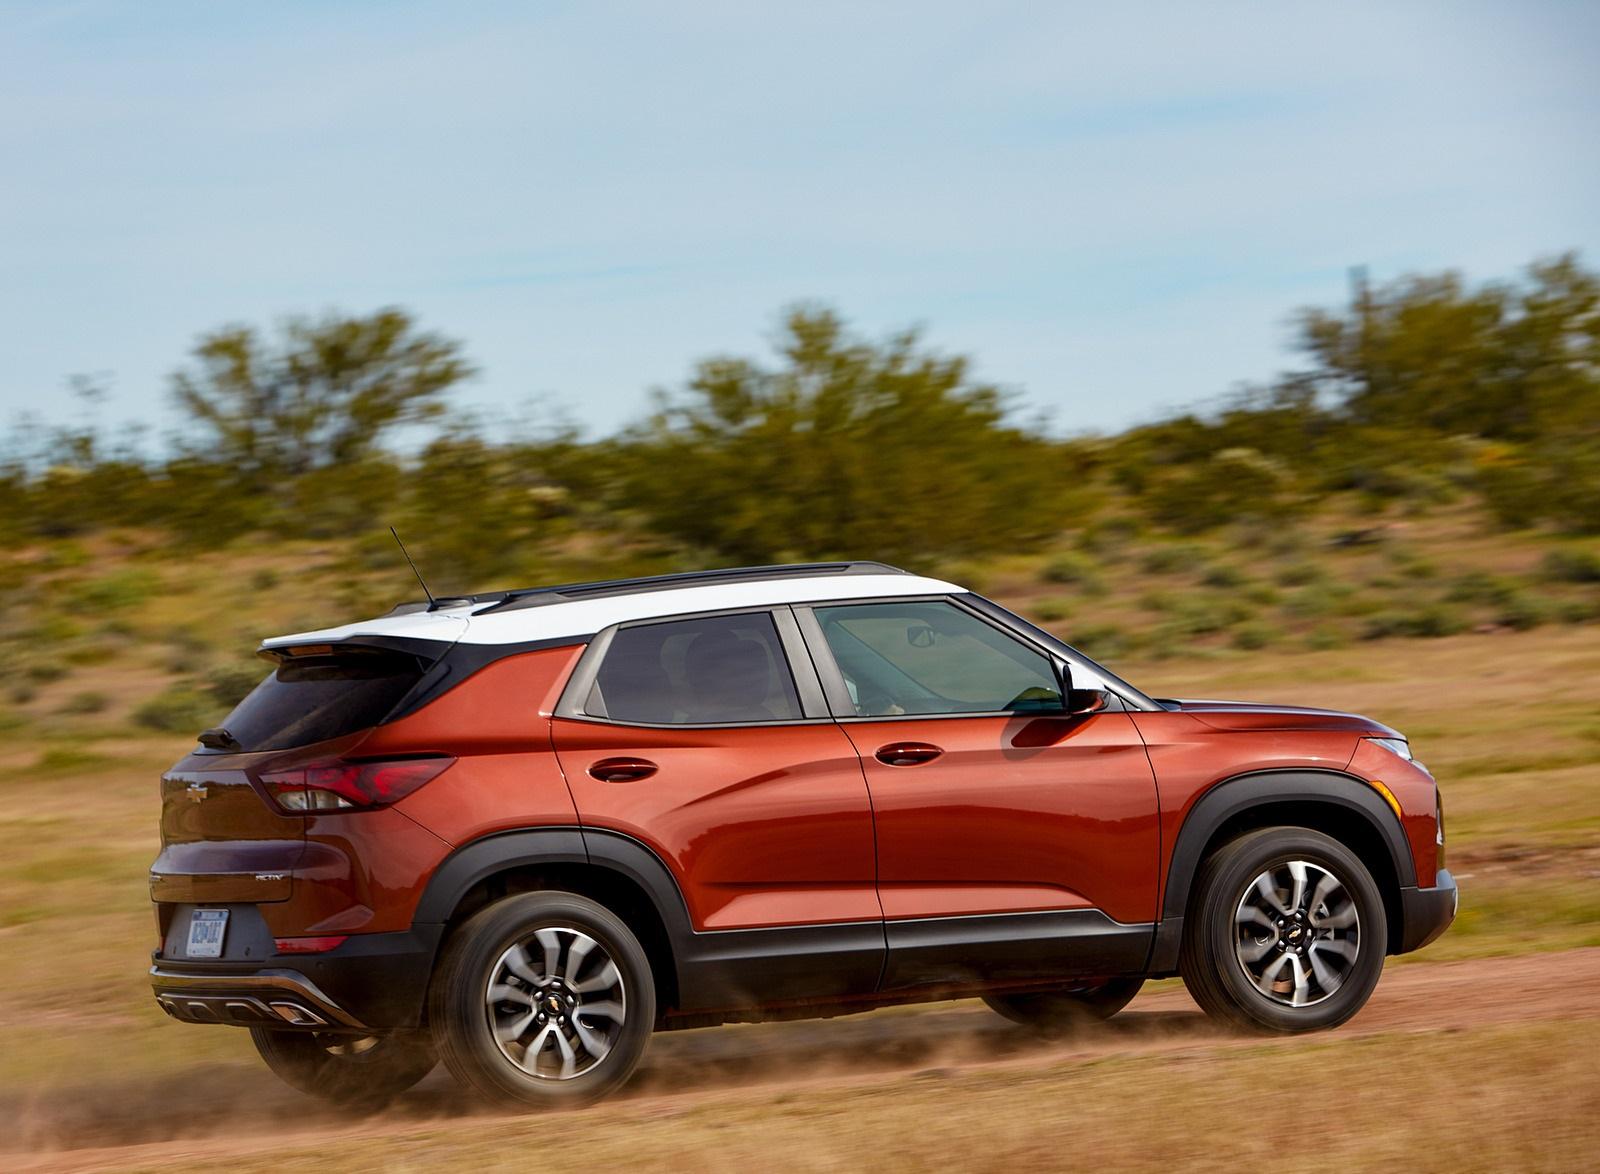 2021 Chevrolet Trailblazer ACTIV Rear Three-Quarter Wallpapers (4)